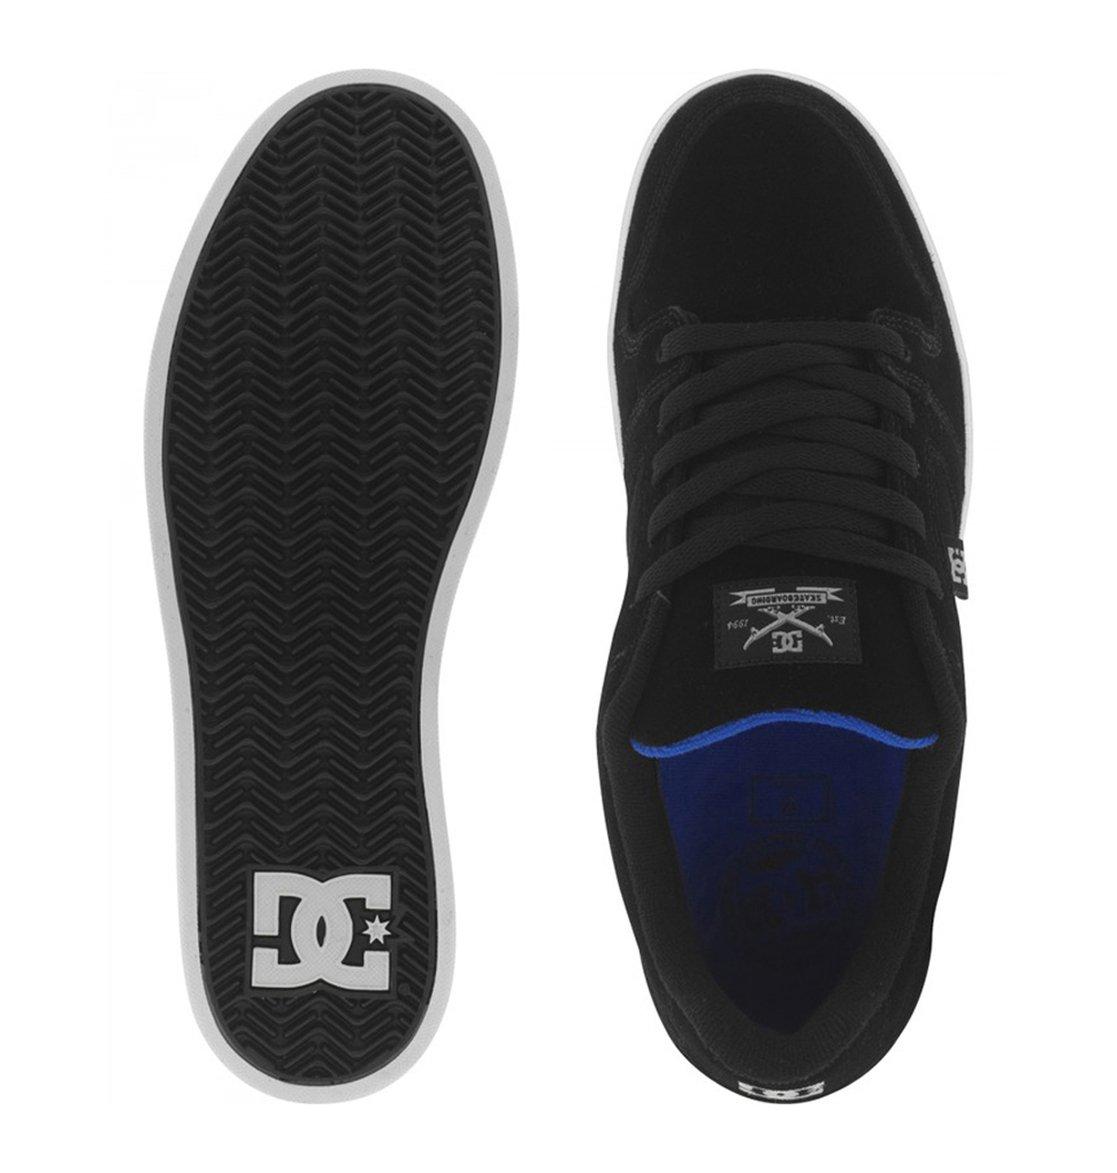 Men's Landau S Shoes 303010 | DC Shoes